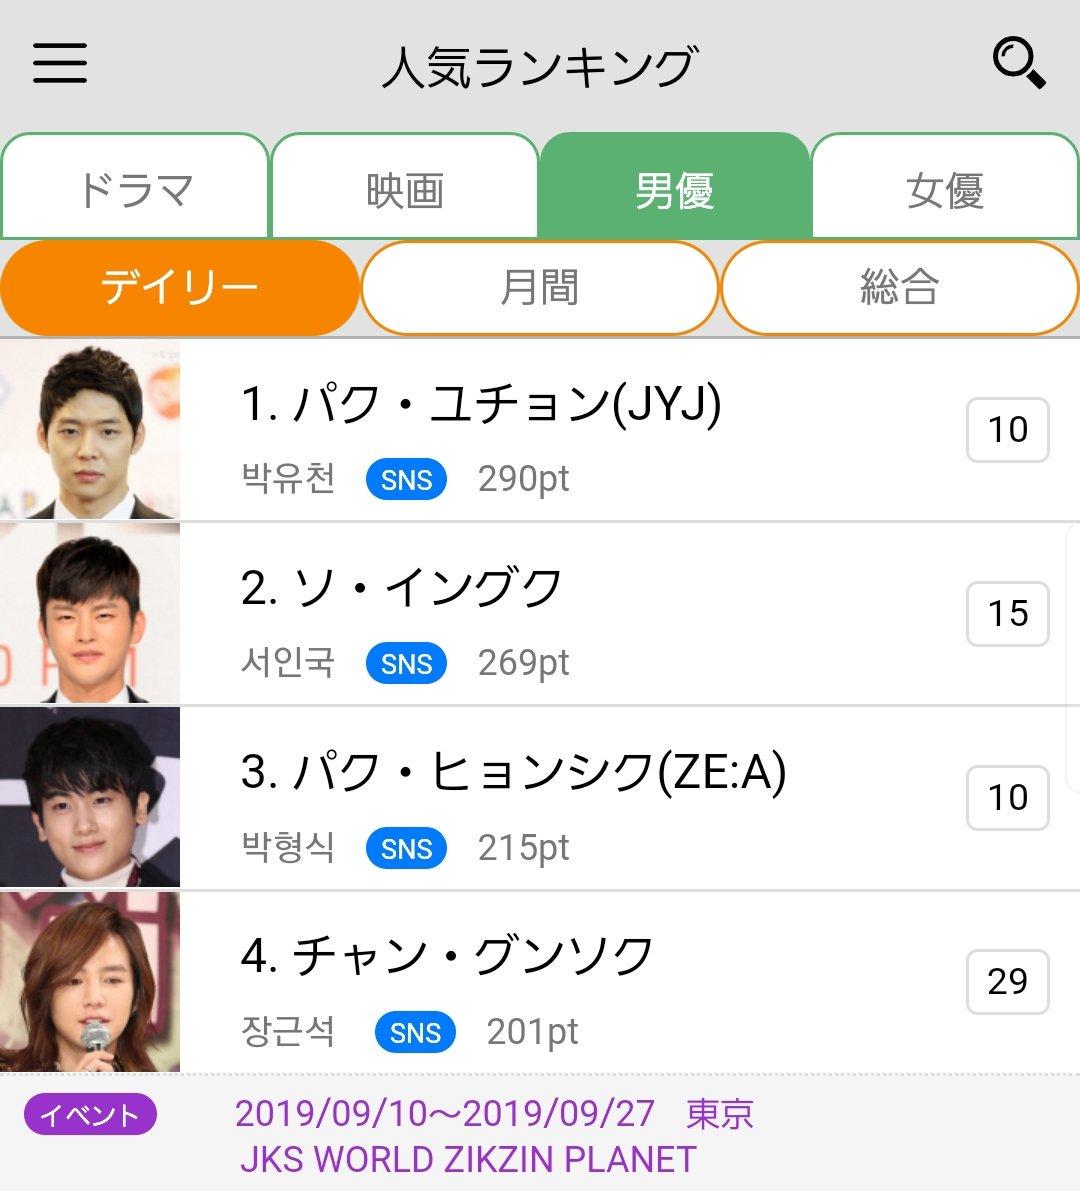 おはよういつも RT ポチッ💓 ありがとうね韓ドラ大辞典の人気投票今日もグンちゃんに 投票 頑張りましょうね(≧∇≦)/韓ドラ大事典 Android iPhone  #チャン・グンソク#グンちゃん#スイッチ